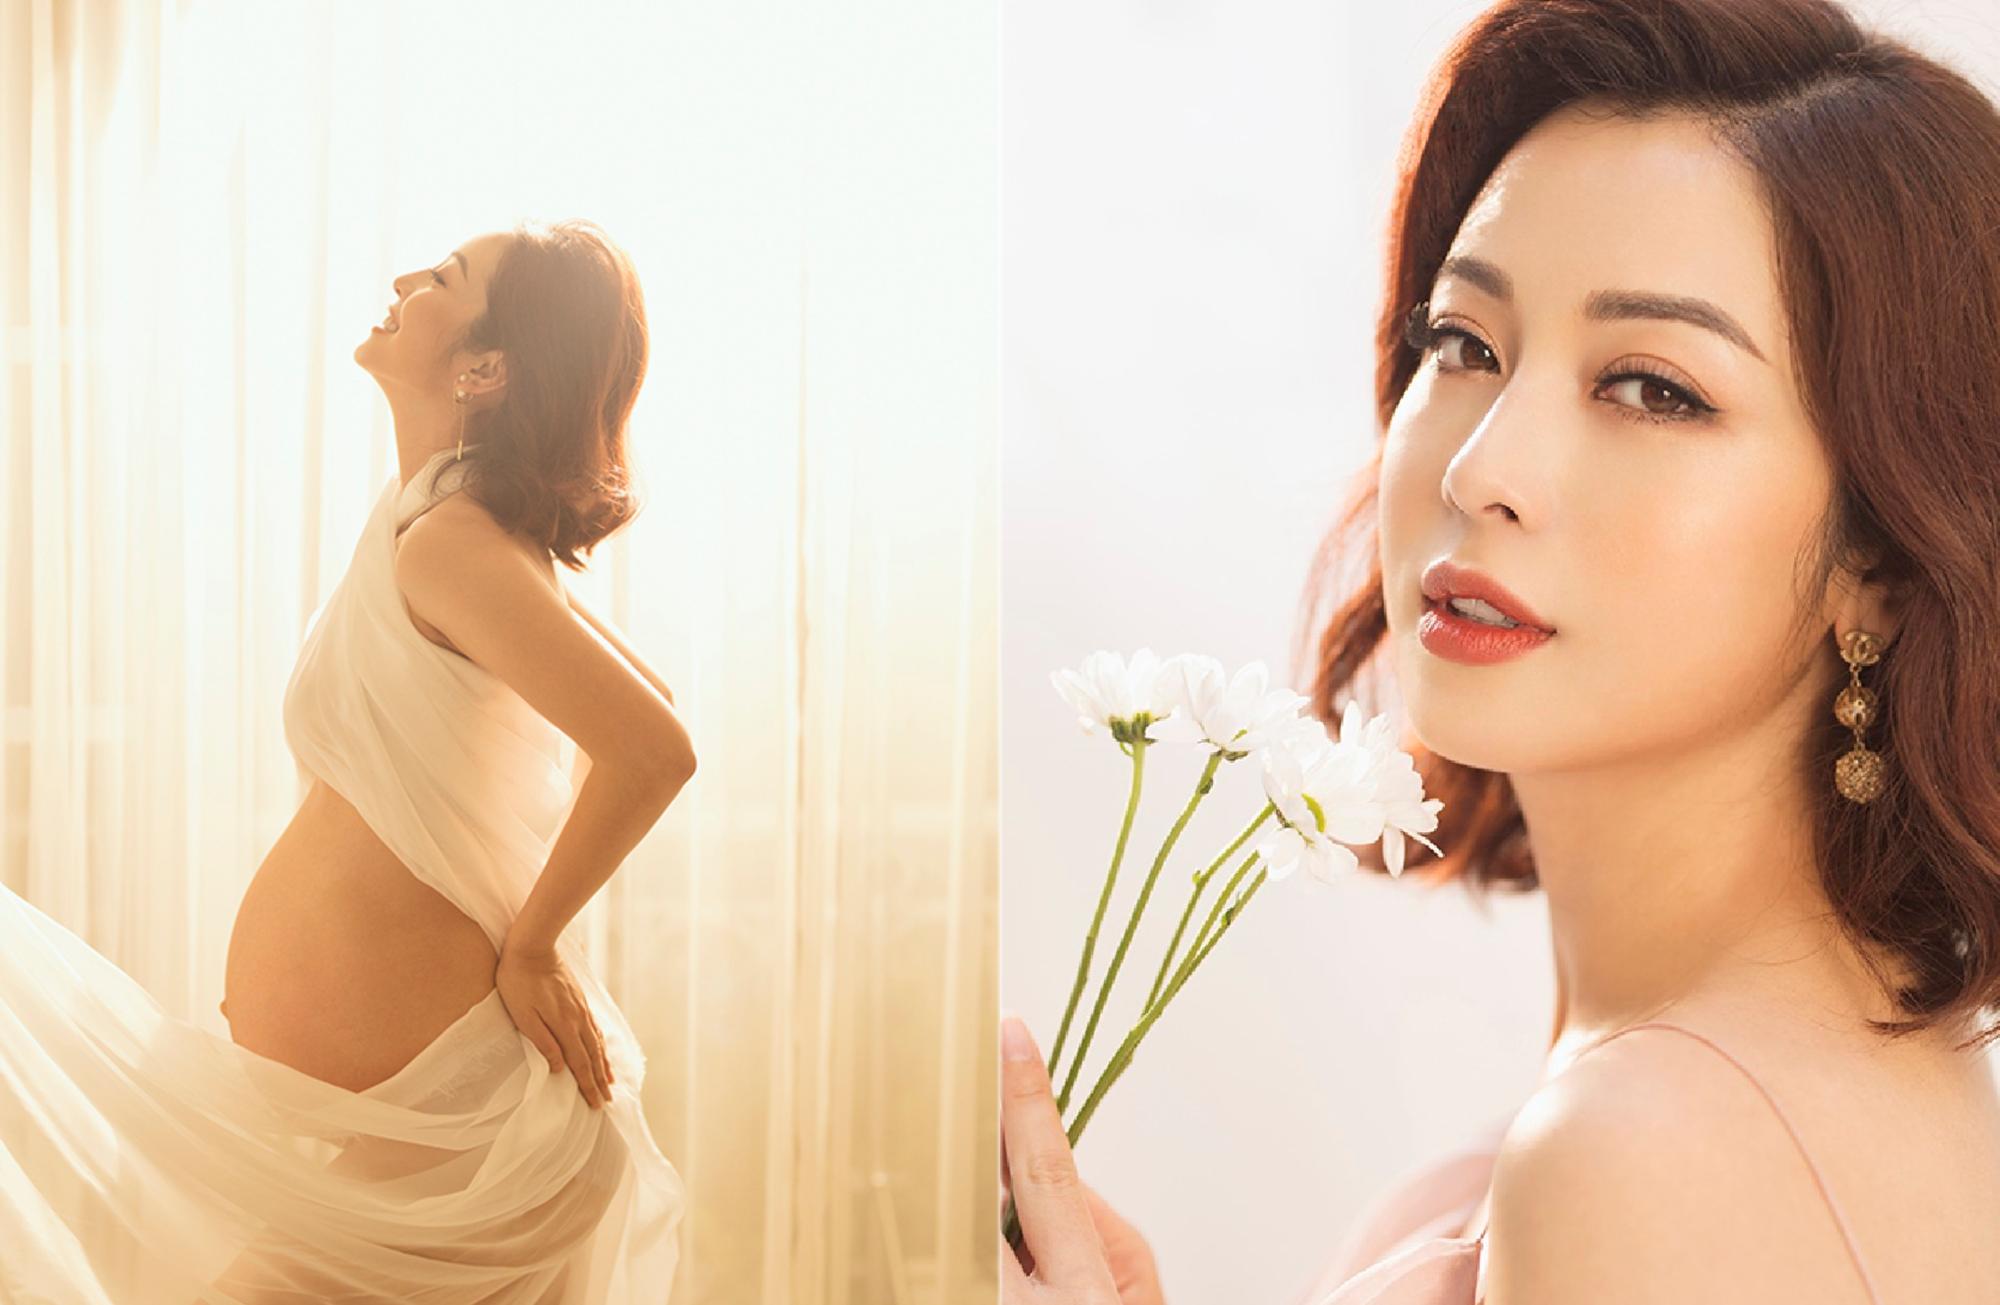 Hoa hậu Jennifer Phạm xinh đẹp rạng rỡ ở tuổi 36 - Ảnh 6.